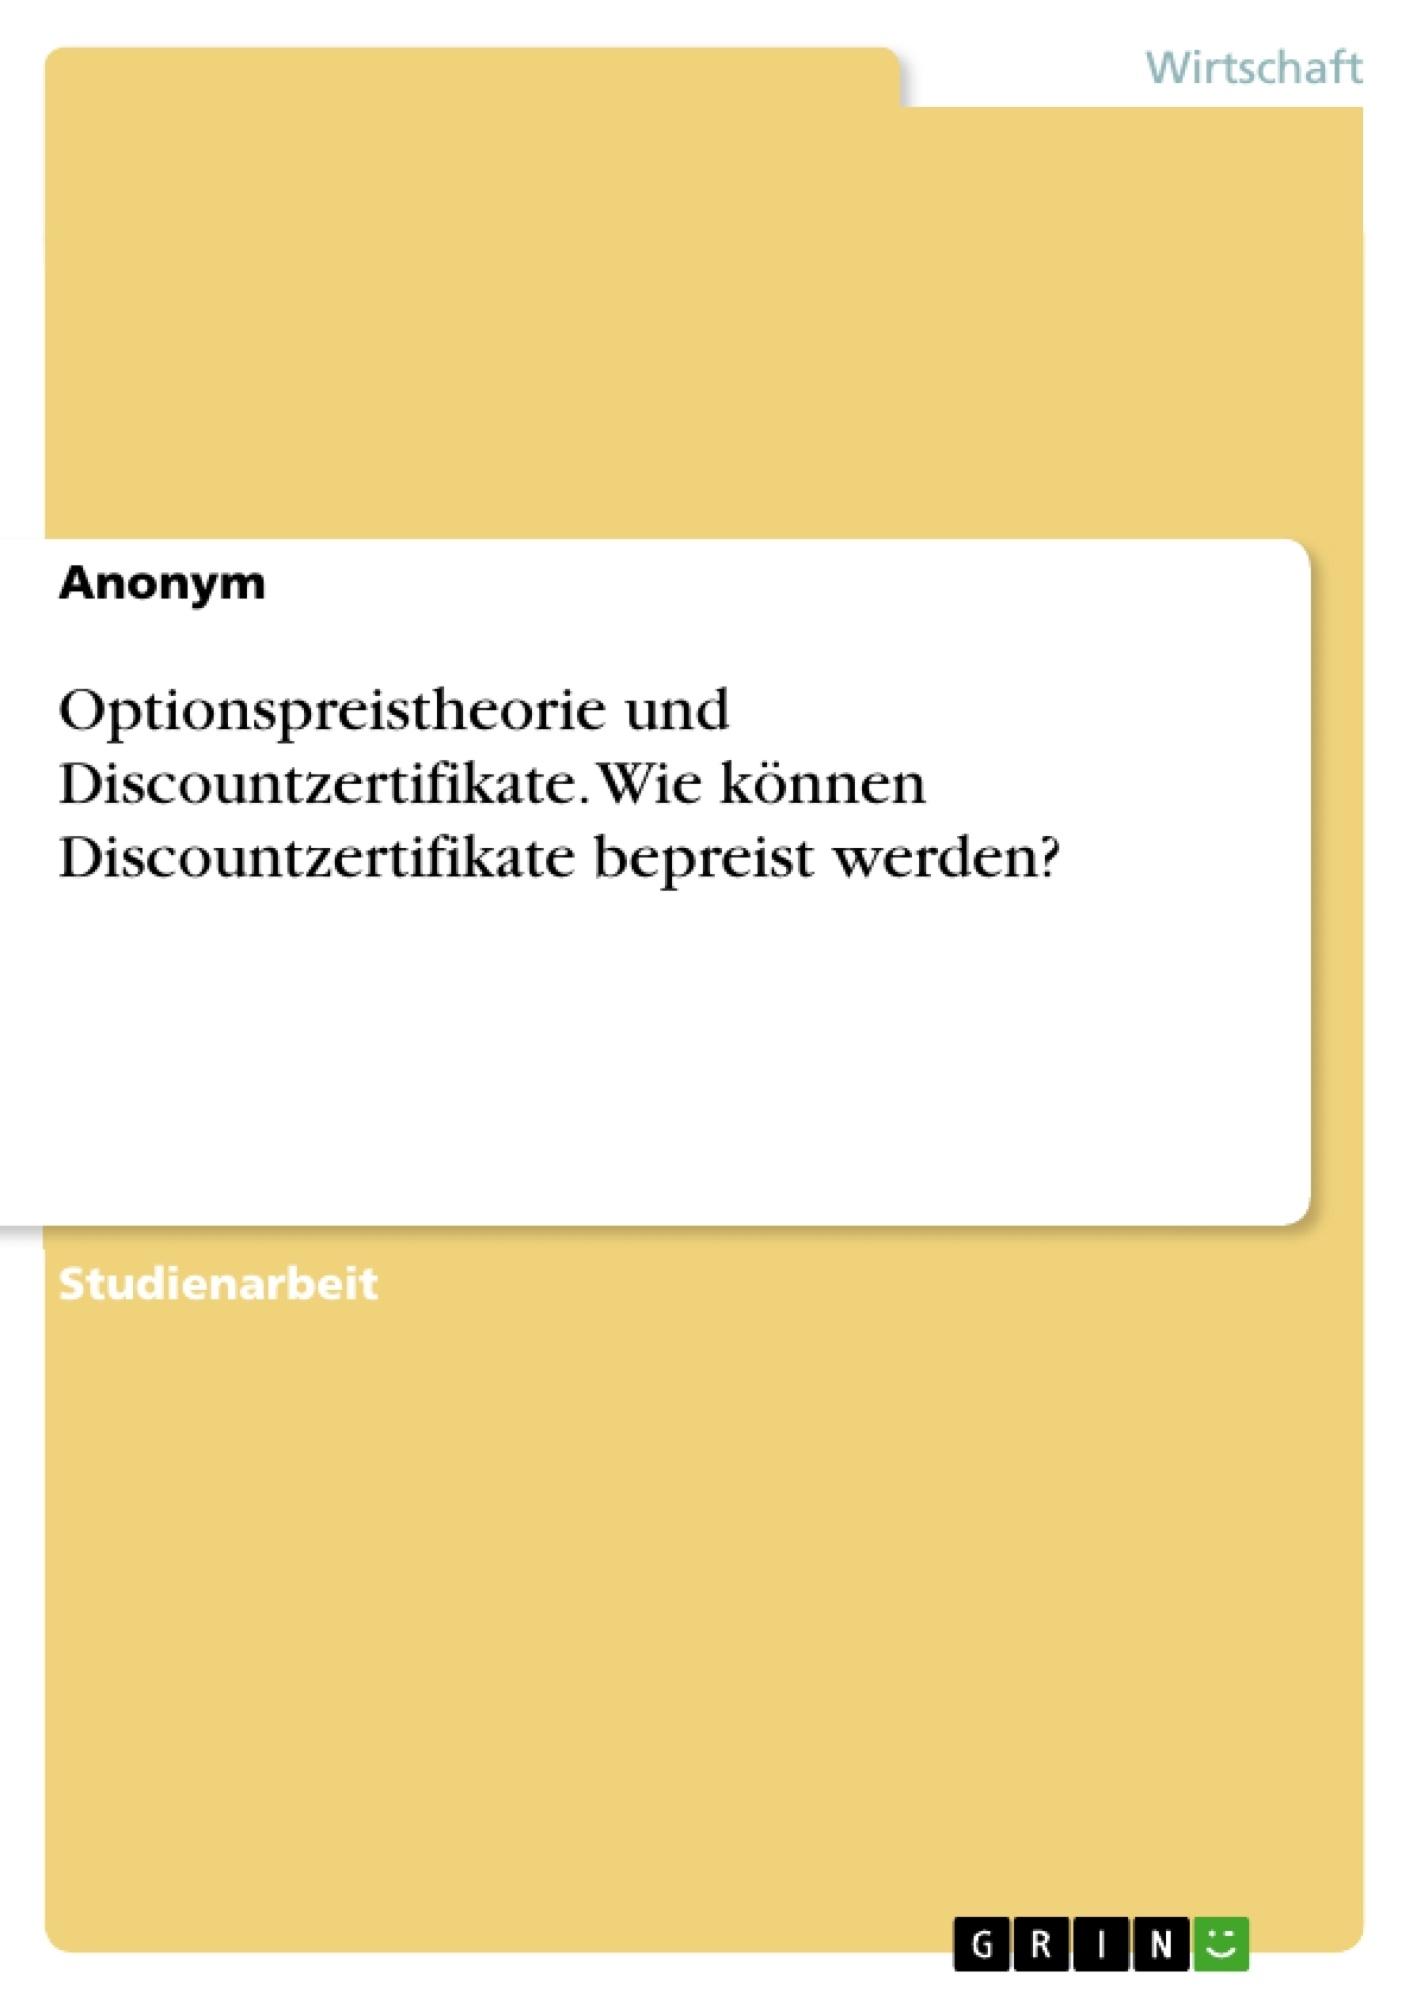 Titel: Optionspreistheorie und Discountzertifikate. Wie können Discountzertifikate bepreist werden?